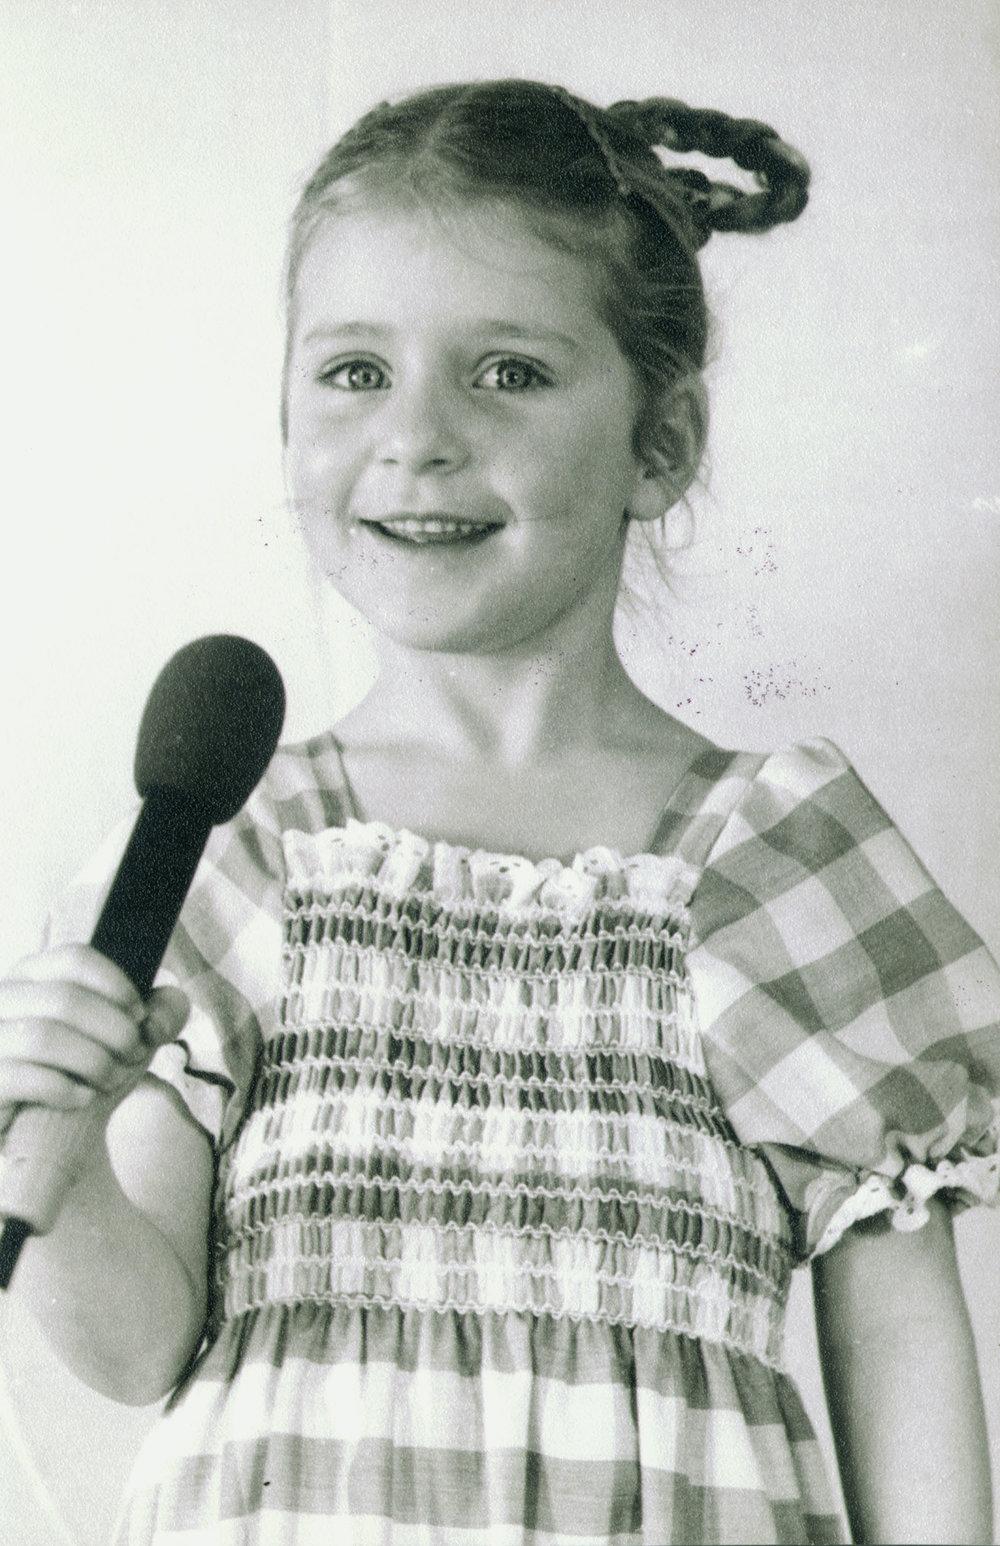 Stefanie-Hertel_Geschichten-aus-meinem-Leben_13.jpg